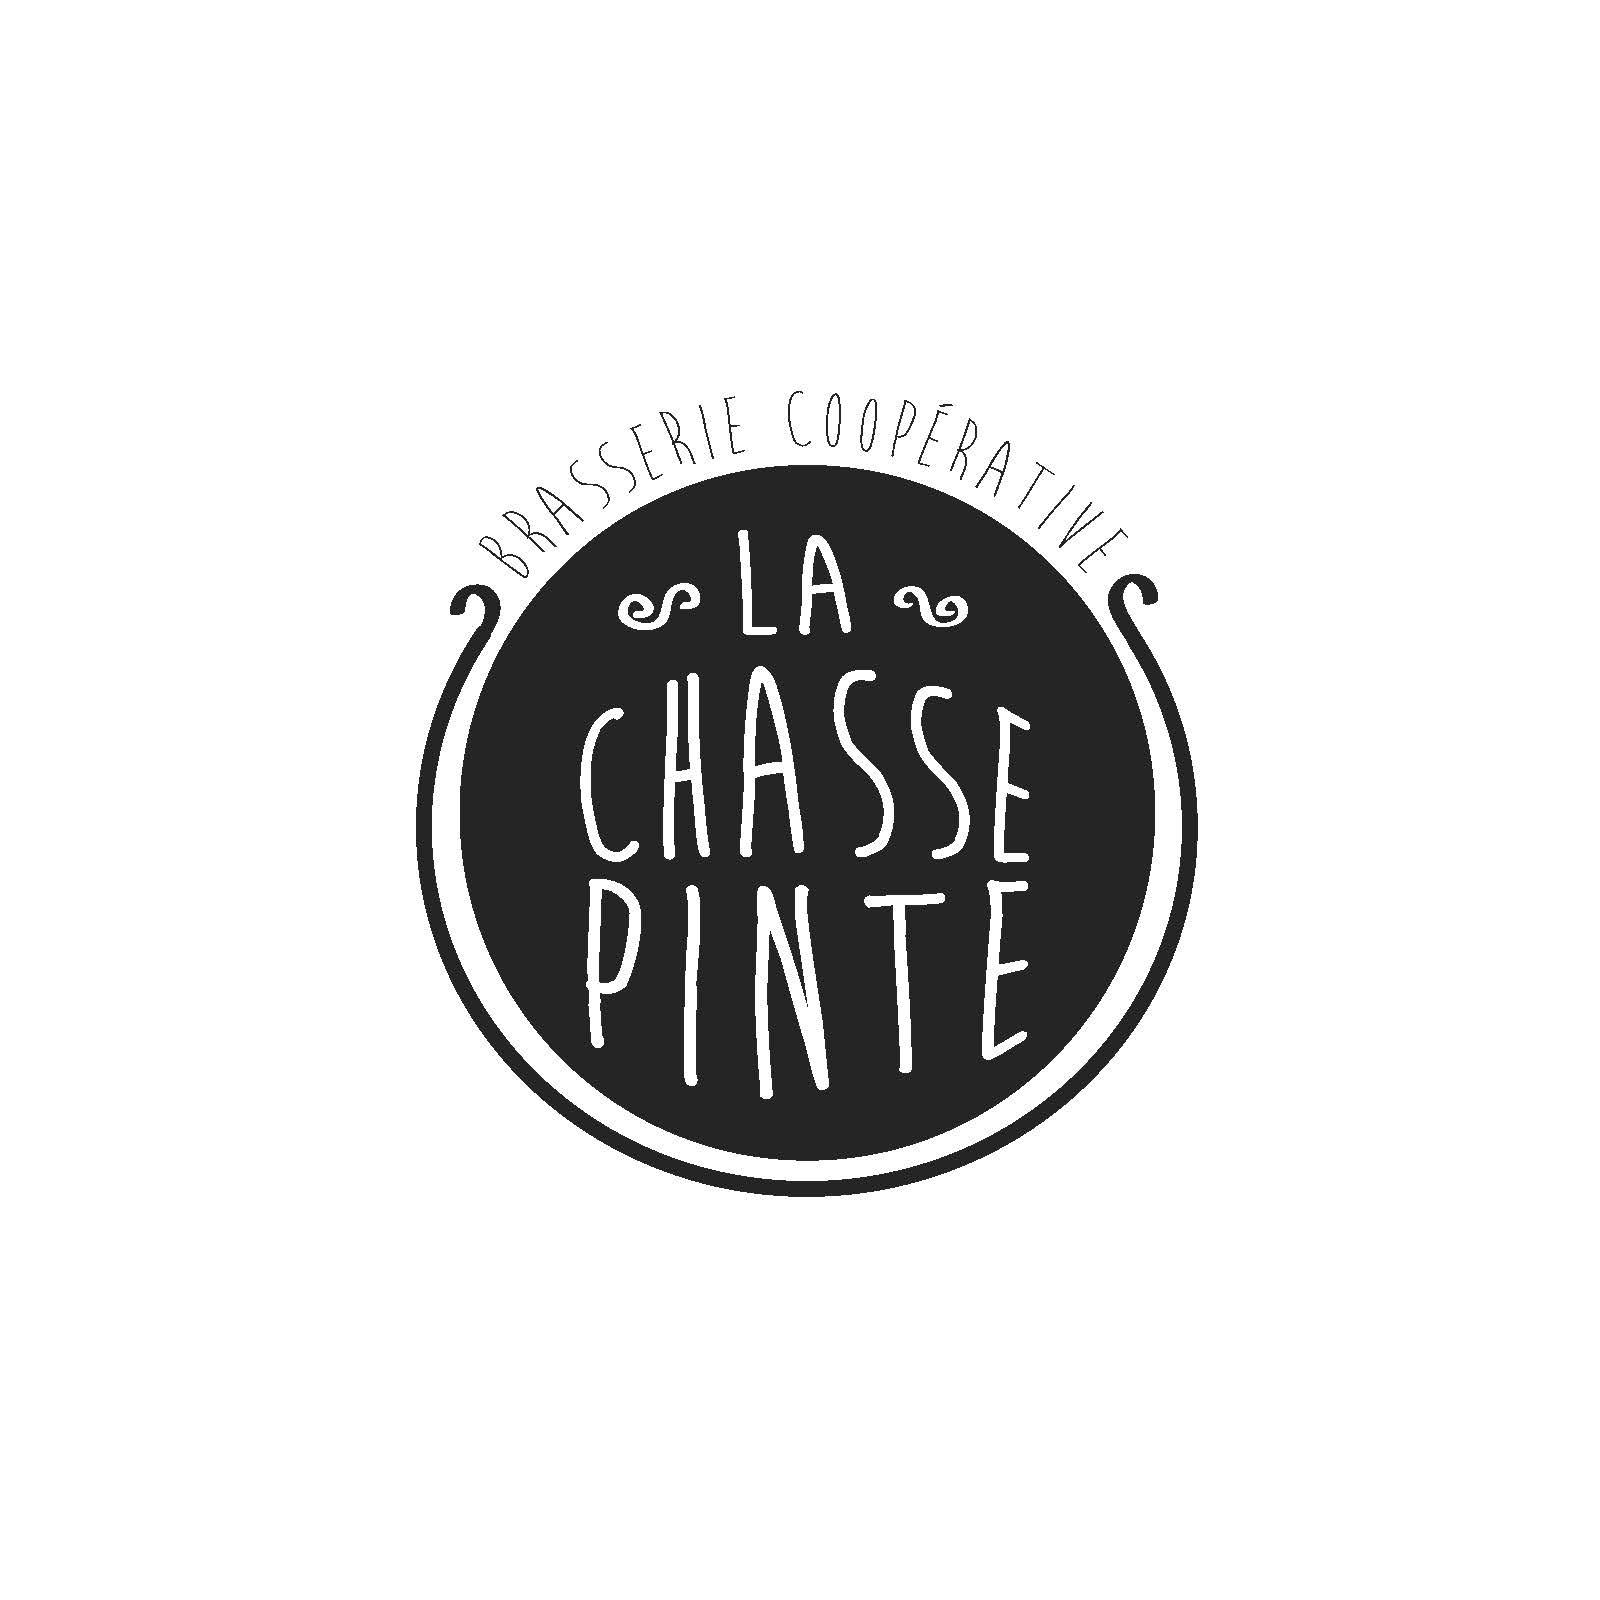 Microbrasserie La Chasse Pinte